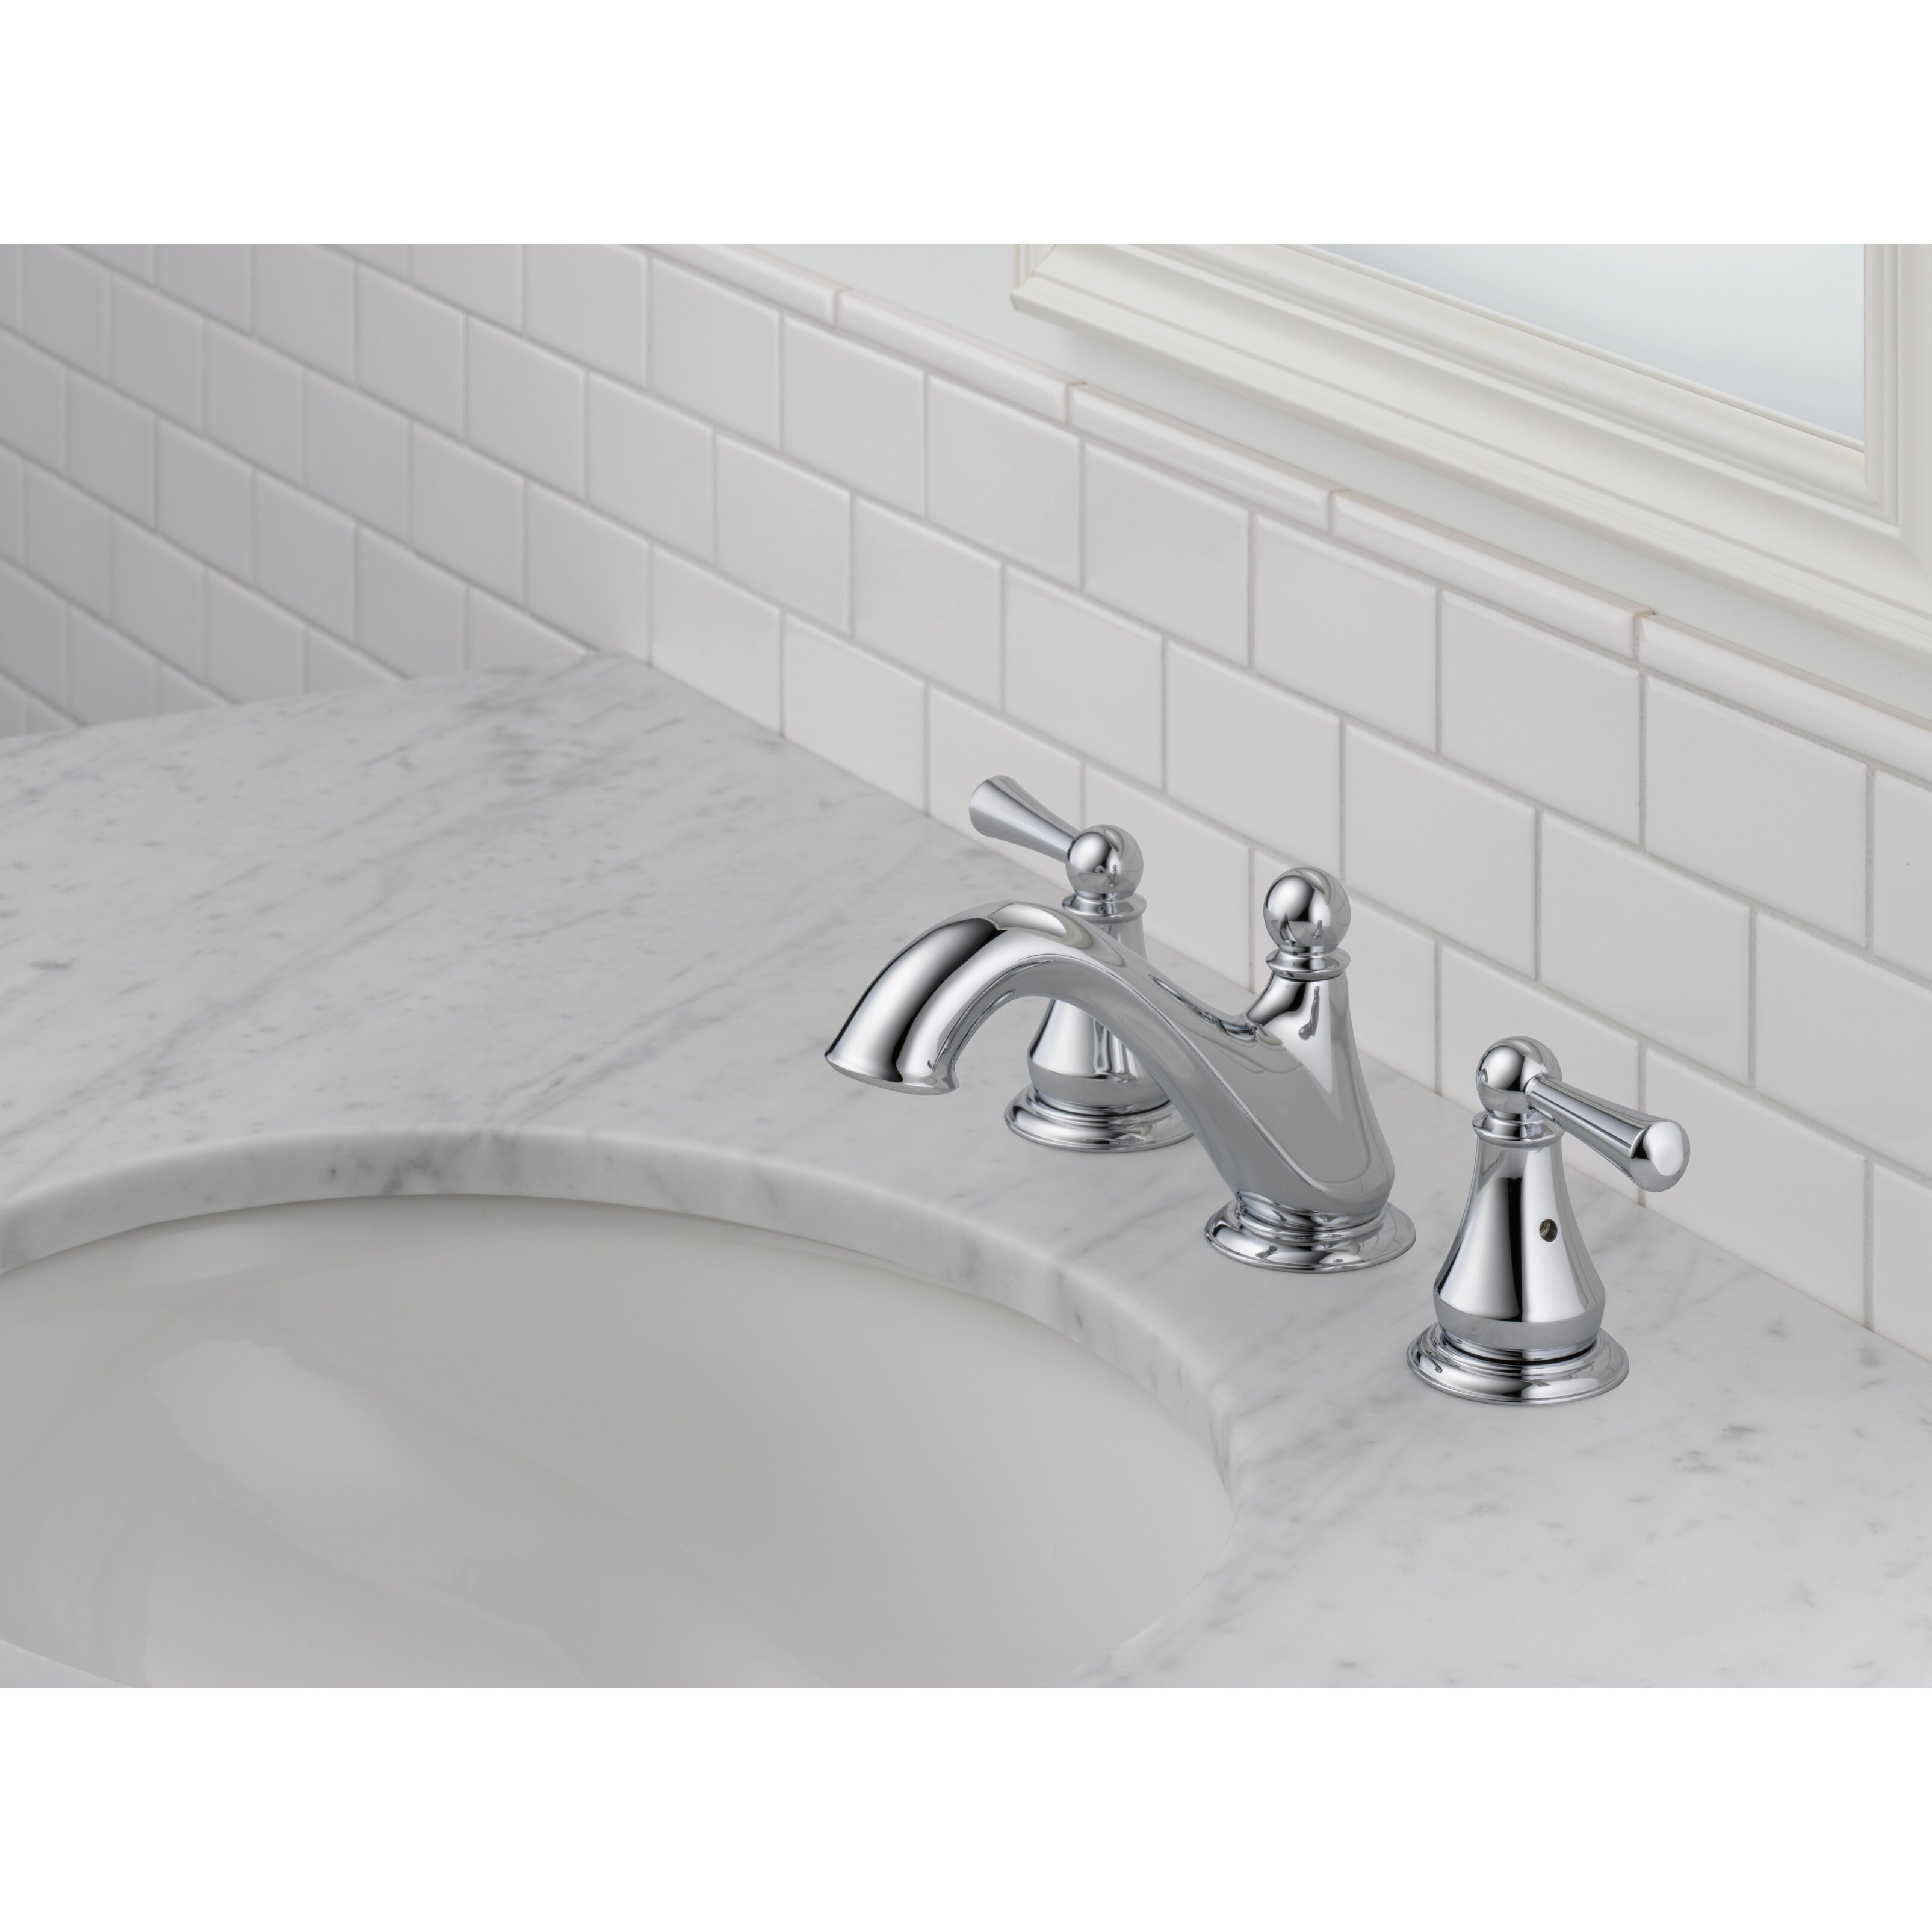 Unique Bathroom Faucet Reviews – Bathroom Interior Design